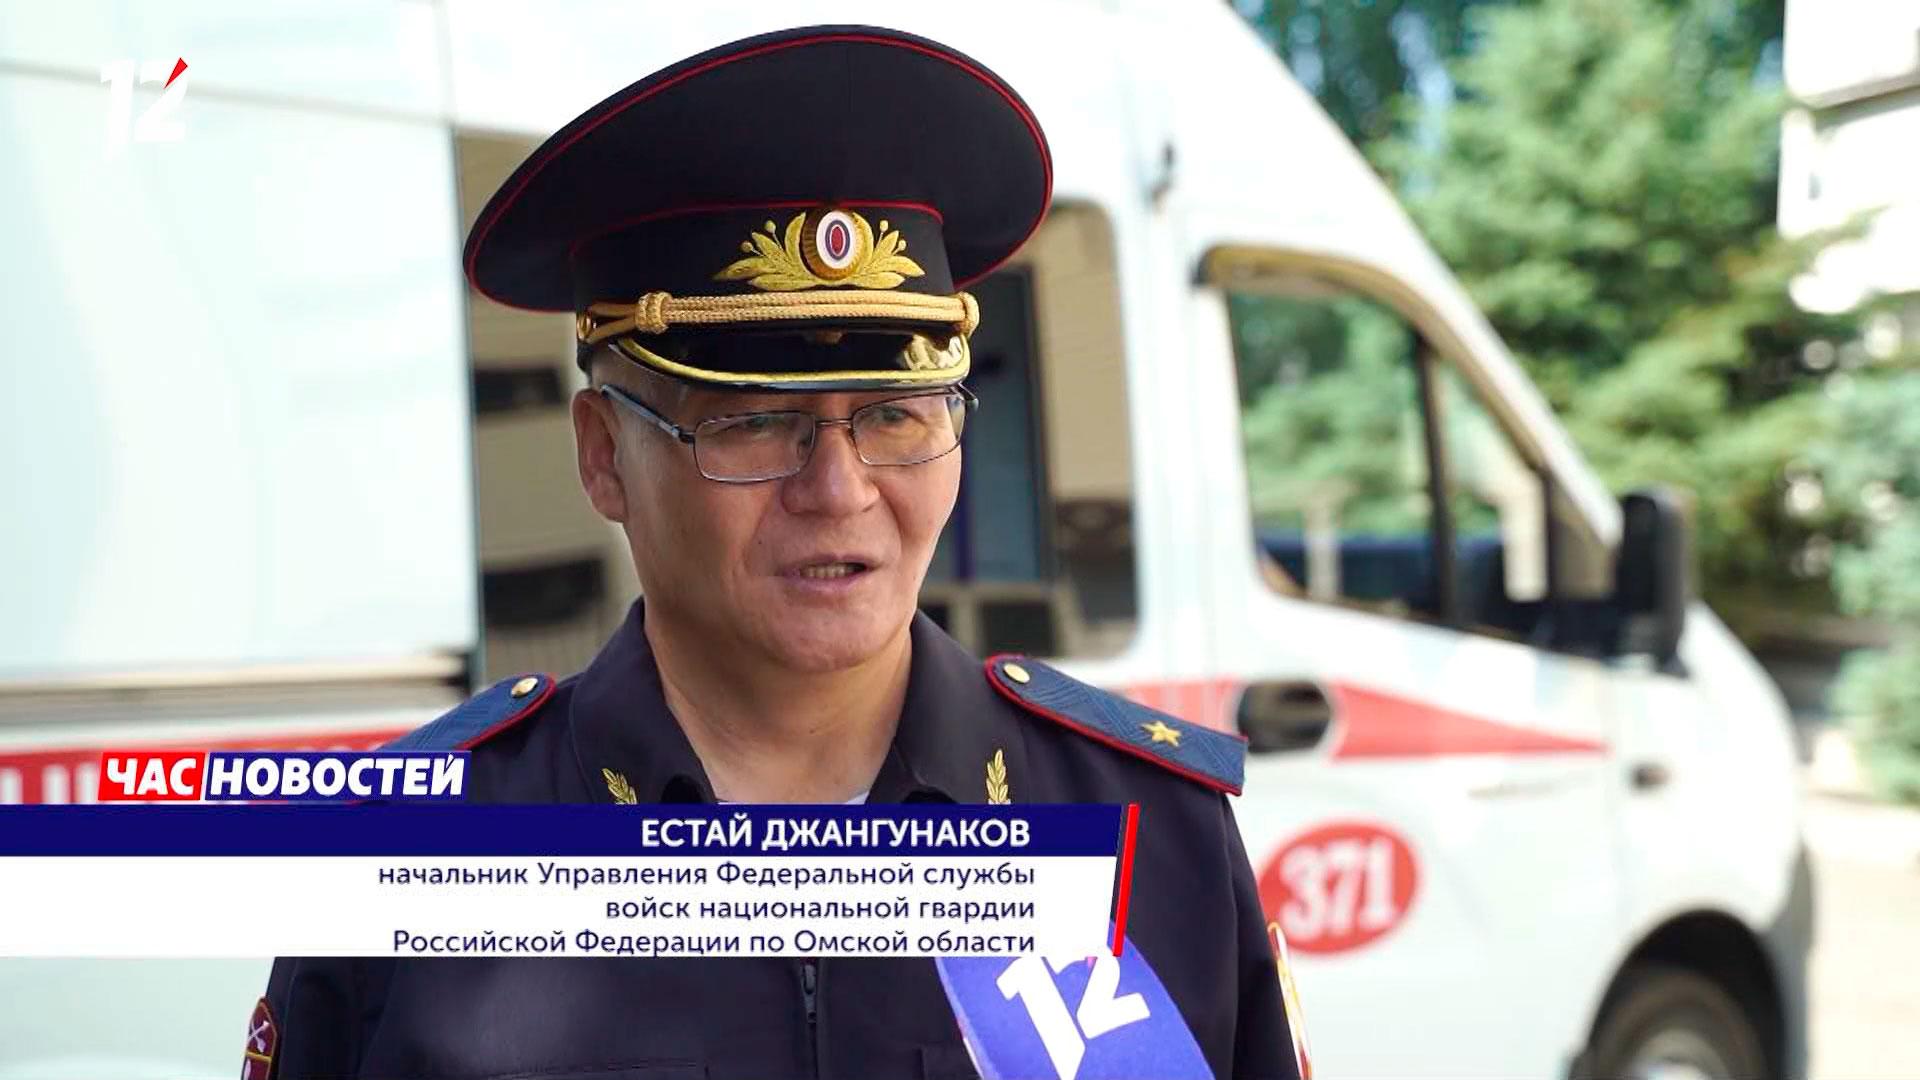 На страже безопасности омских медиков: как росгвардейцы могут спасти сотрудников скорой помощи (видео)